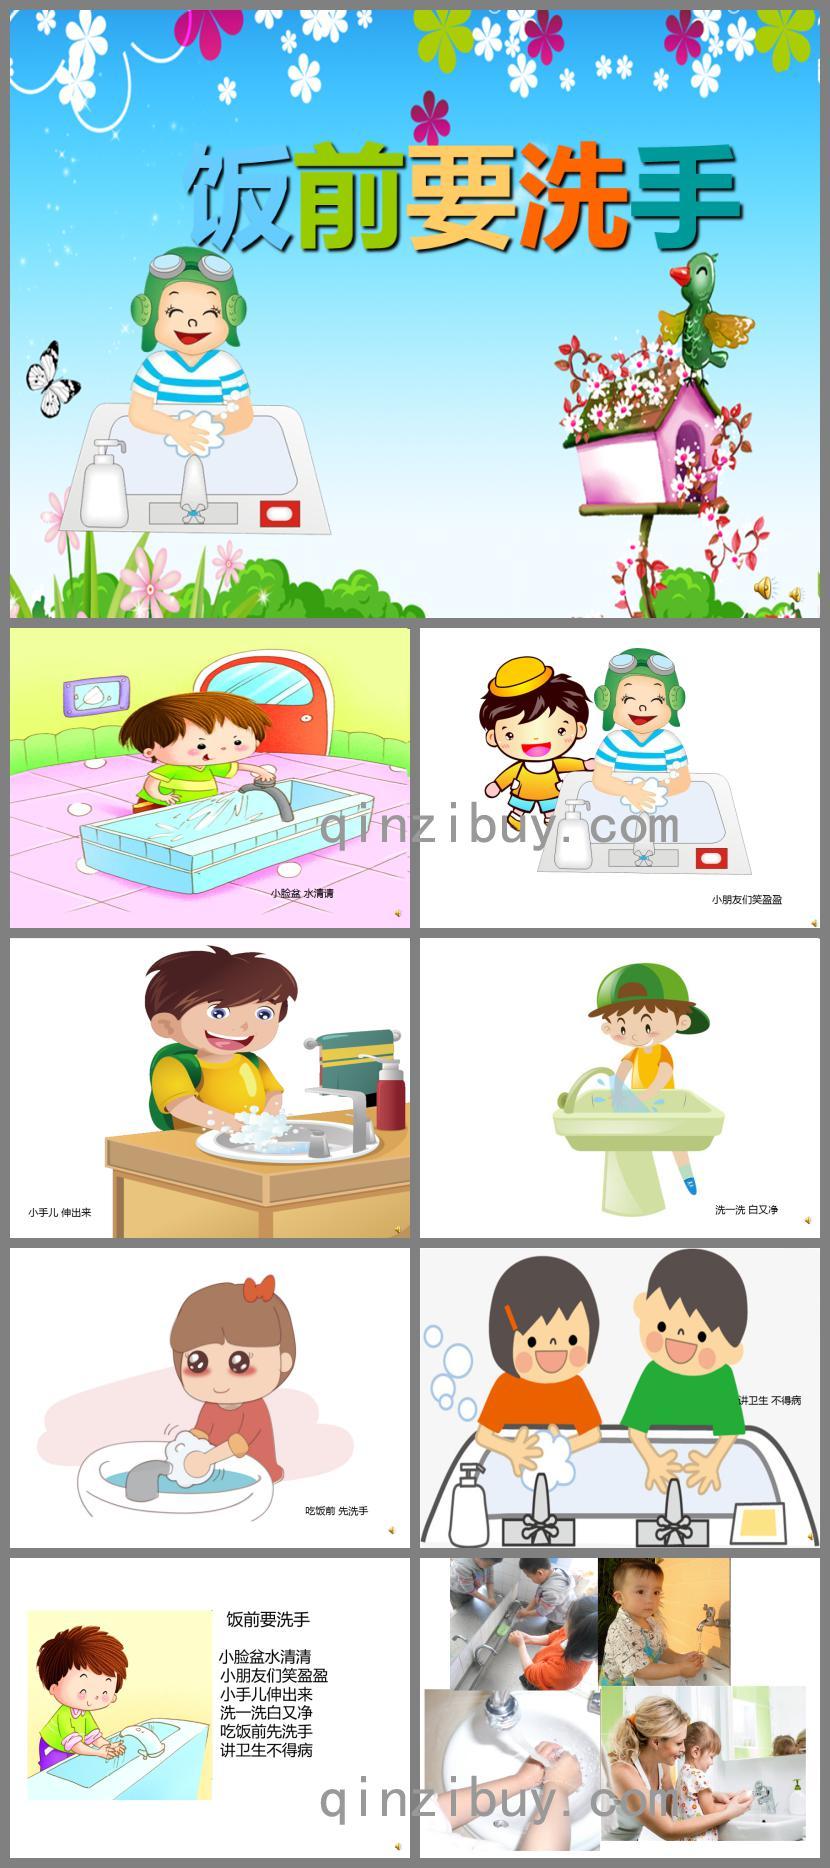 幼儿园儿歌饭前要洗手PPT课件音乐配音